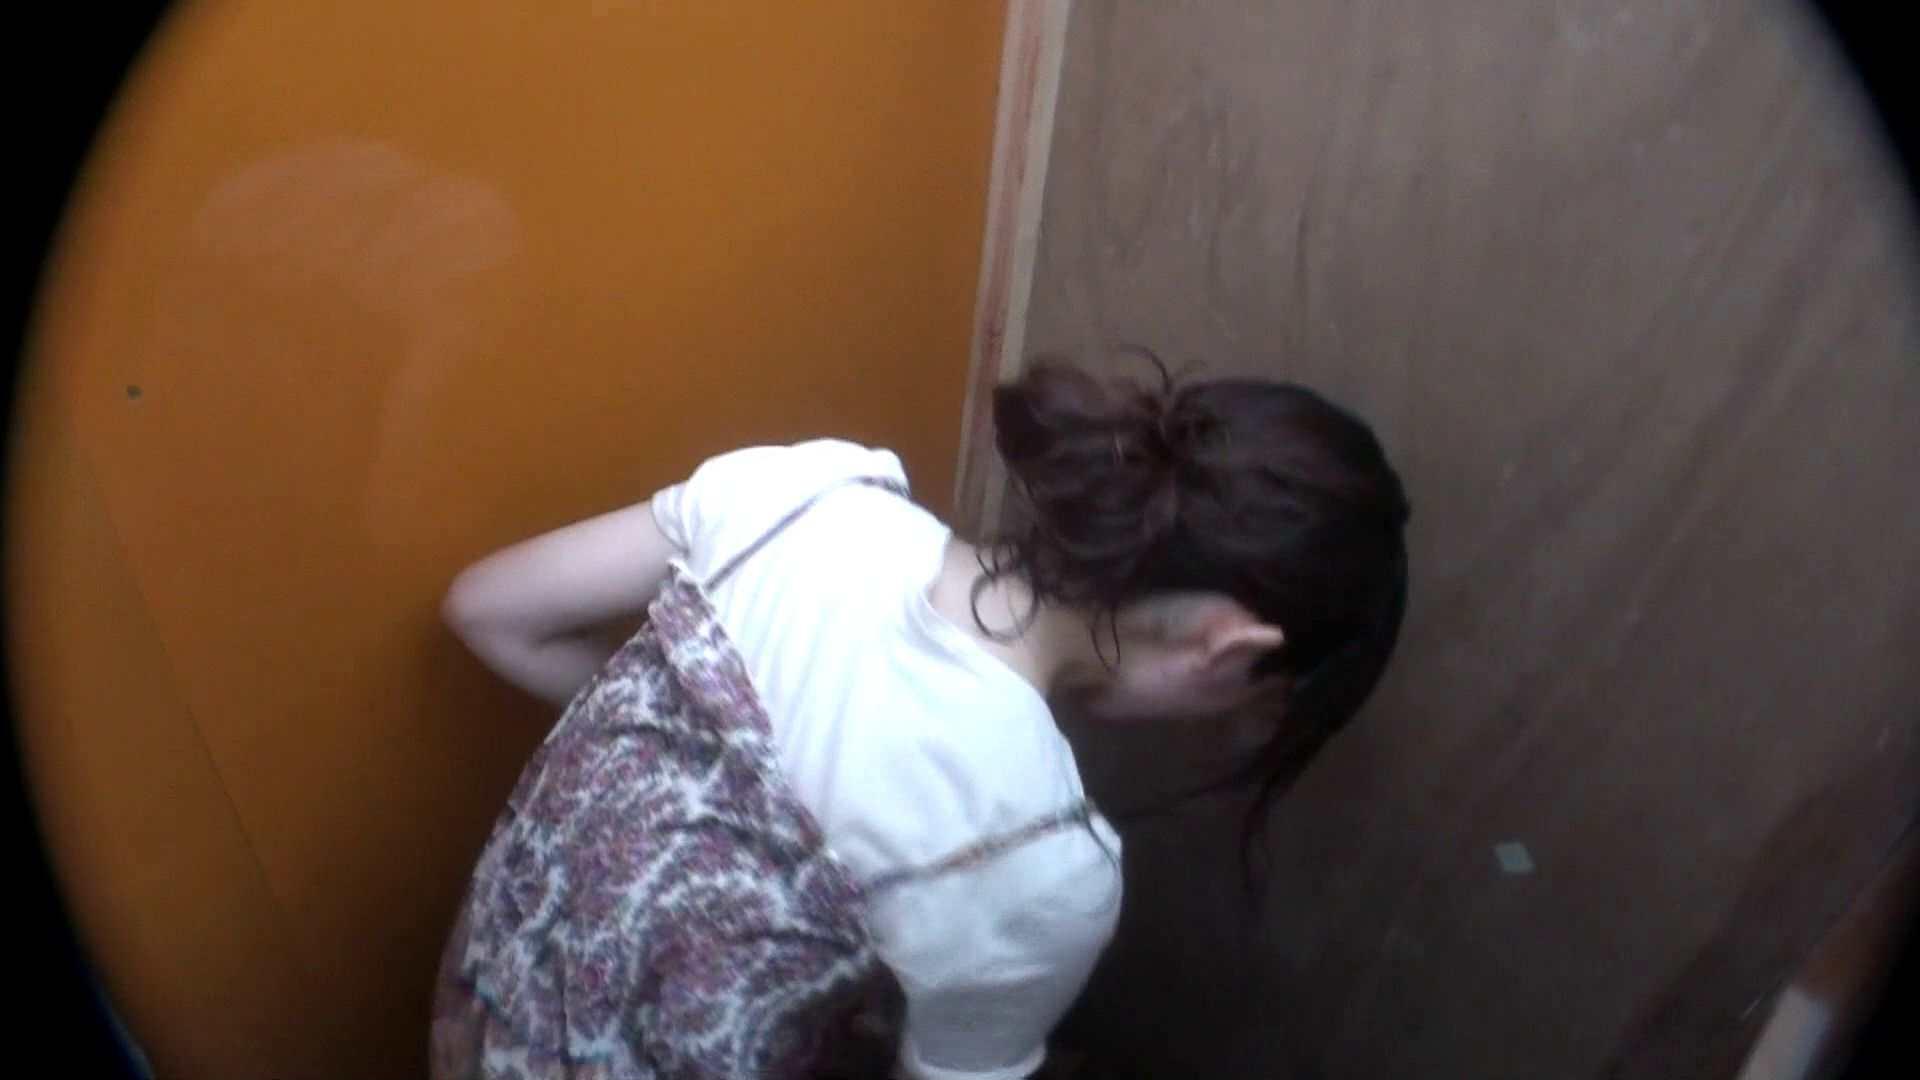 シャワールームは超!!危険な香りVol.29 こっちを向いて欲しい貧乳姉さん 高画質モード オマンコ無修正動画無料 85画像 15